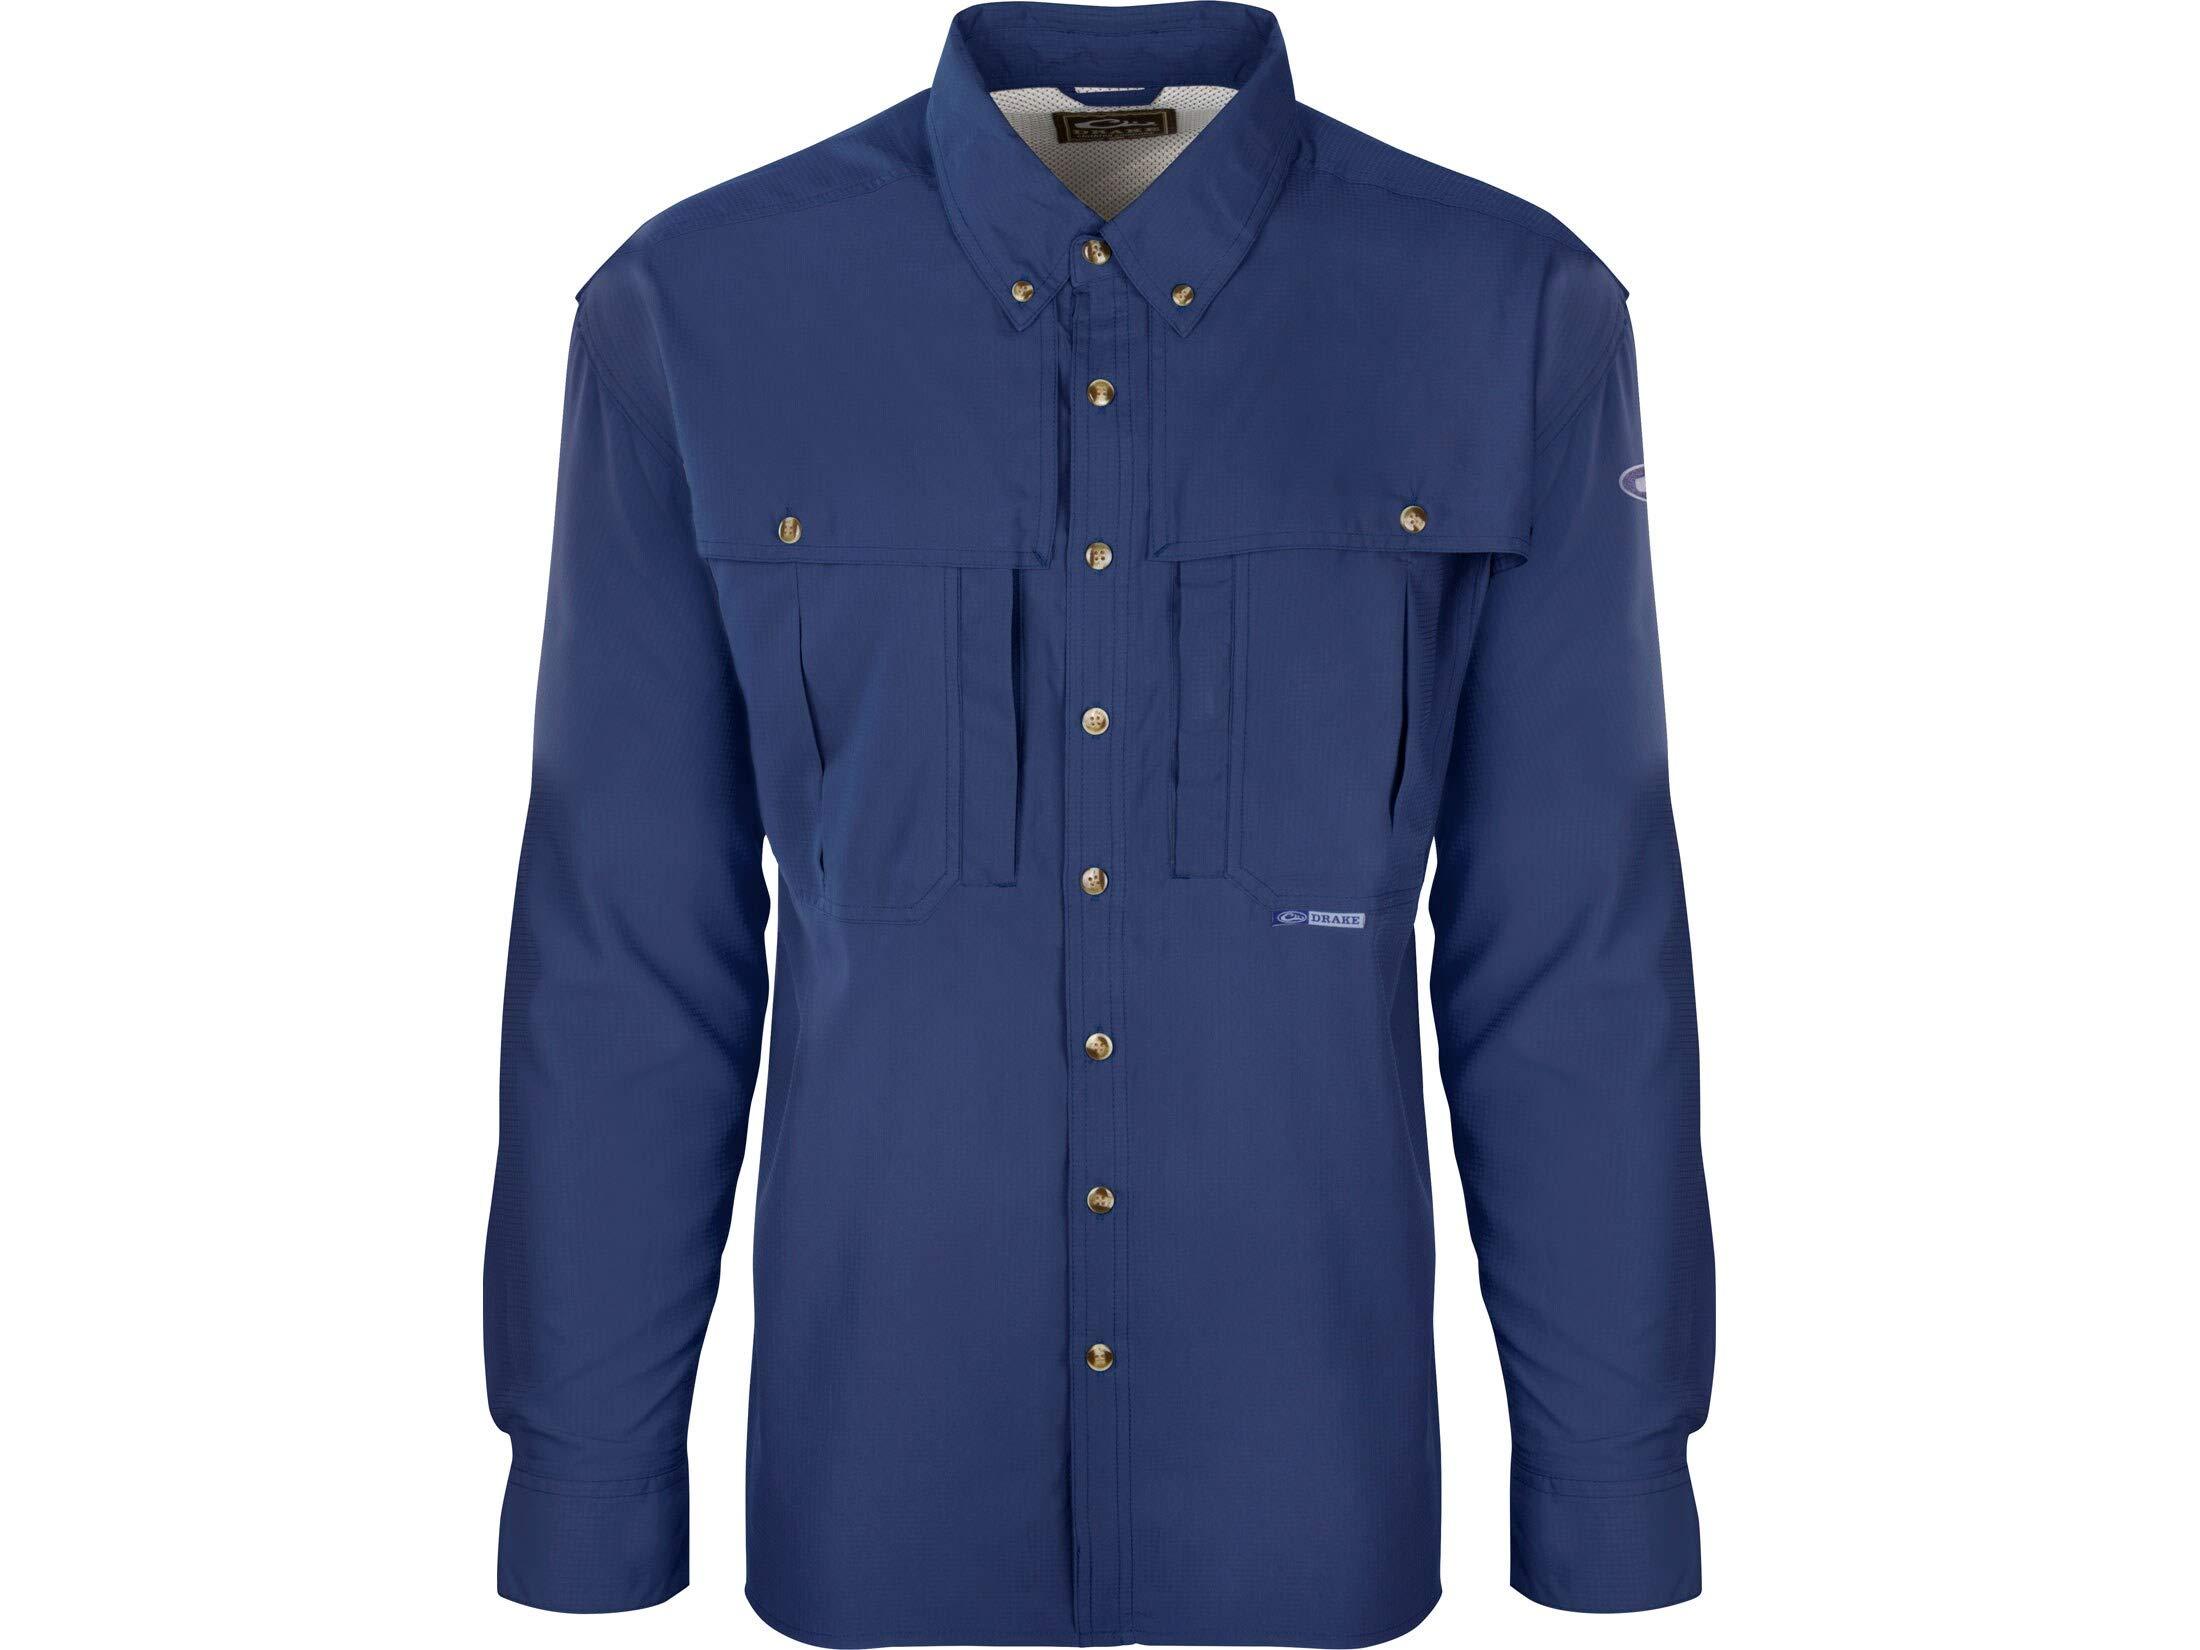 Drake Men's Flyweight Wingshooter's Shirt Long Sleeve Polyester Cobalt Medium by Drake